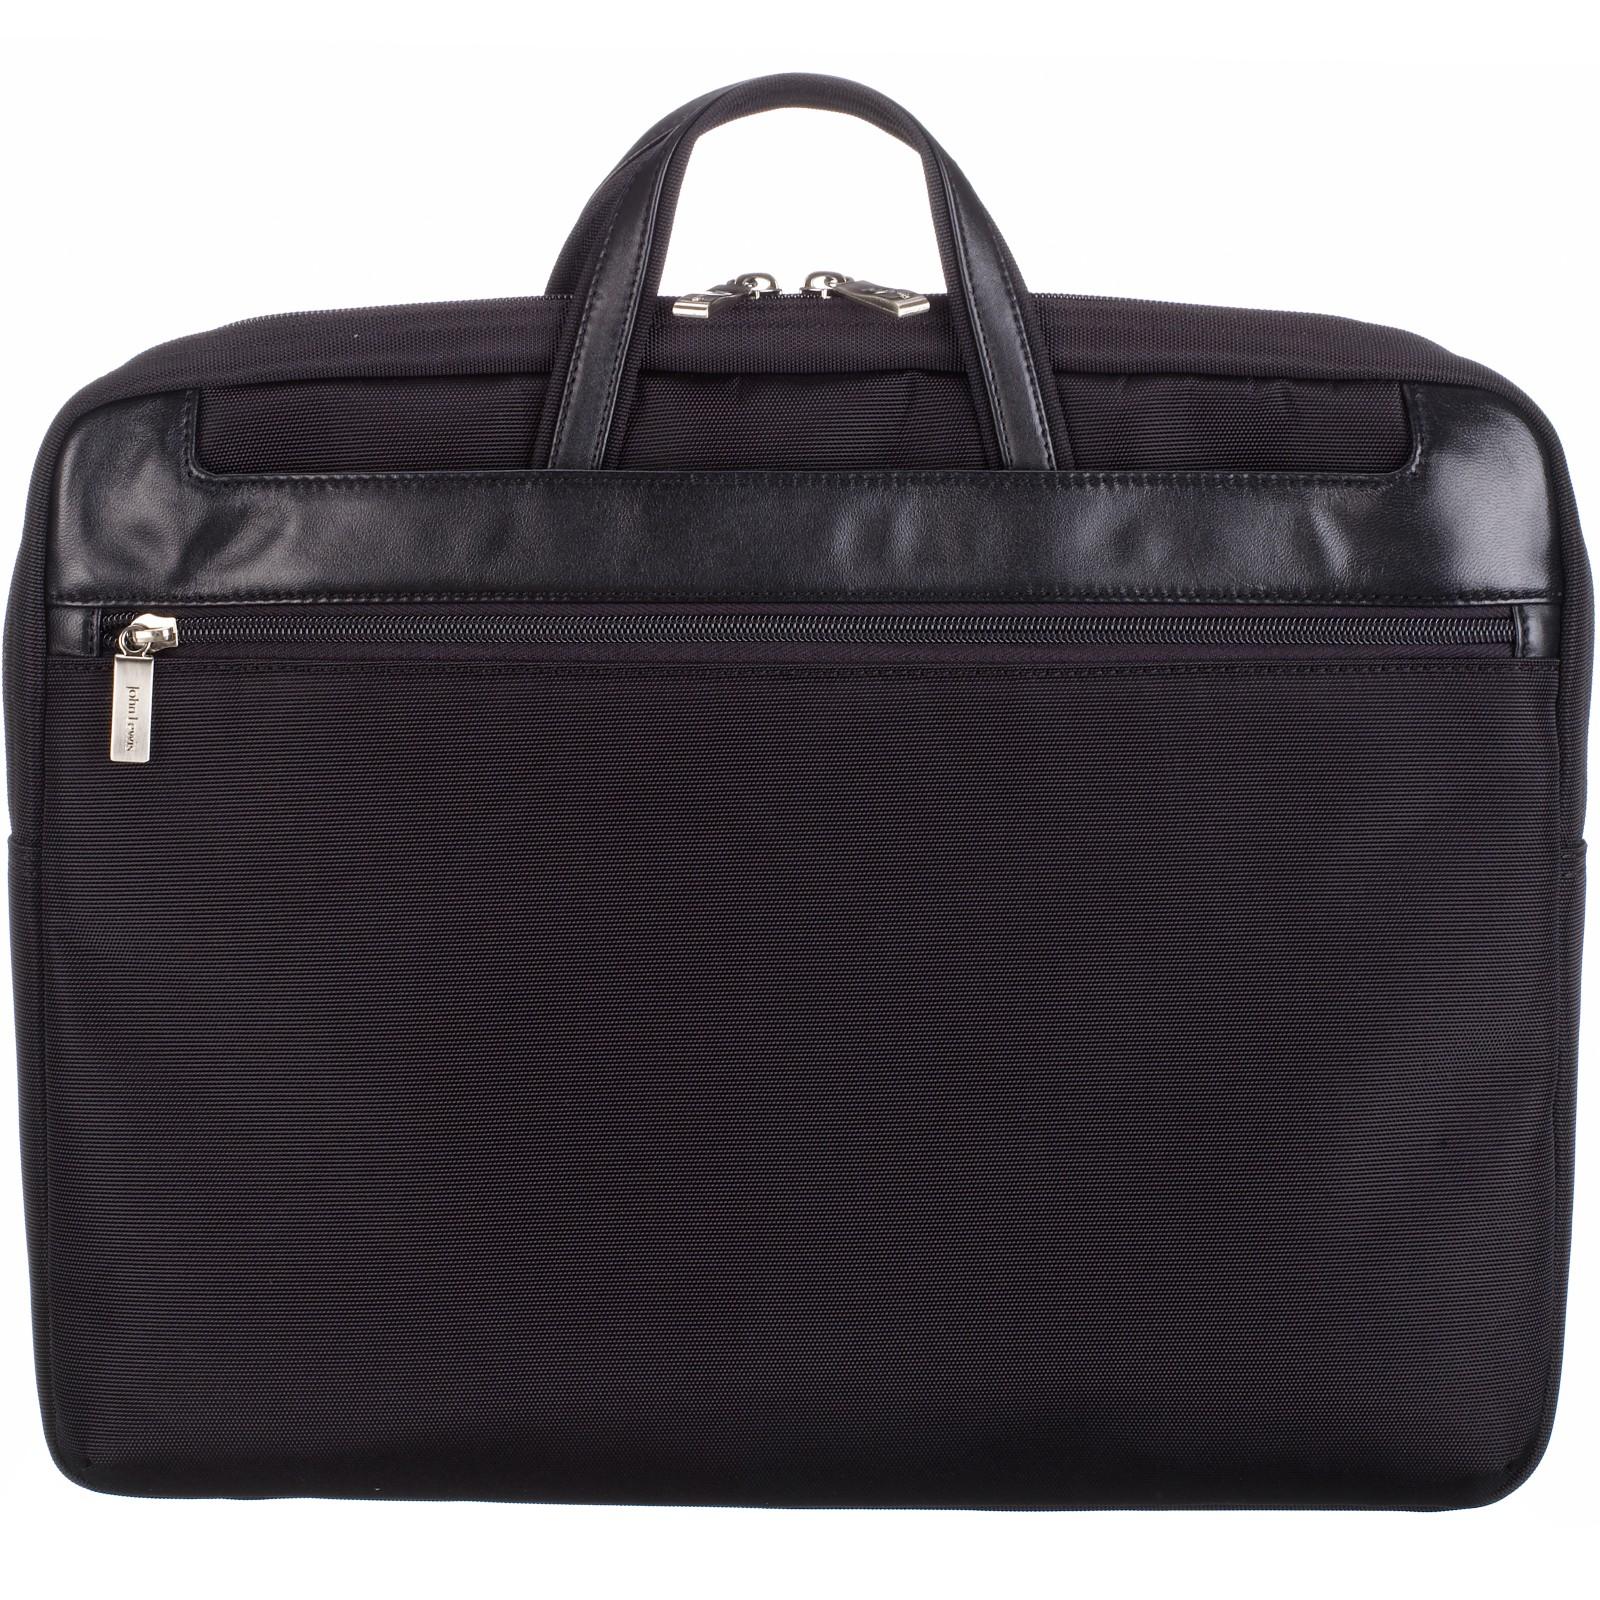 John Lewis Rome Laptop Bag